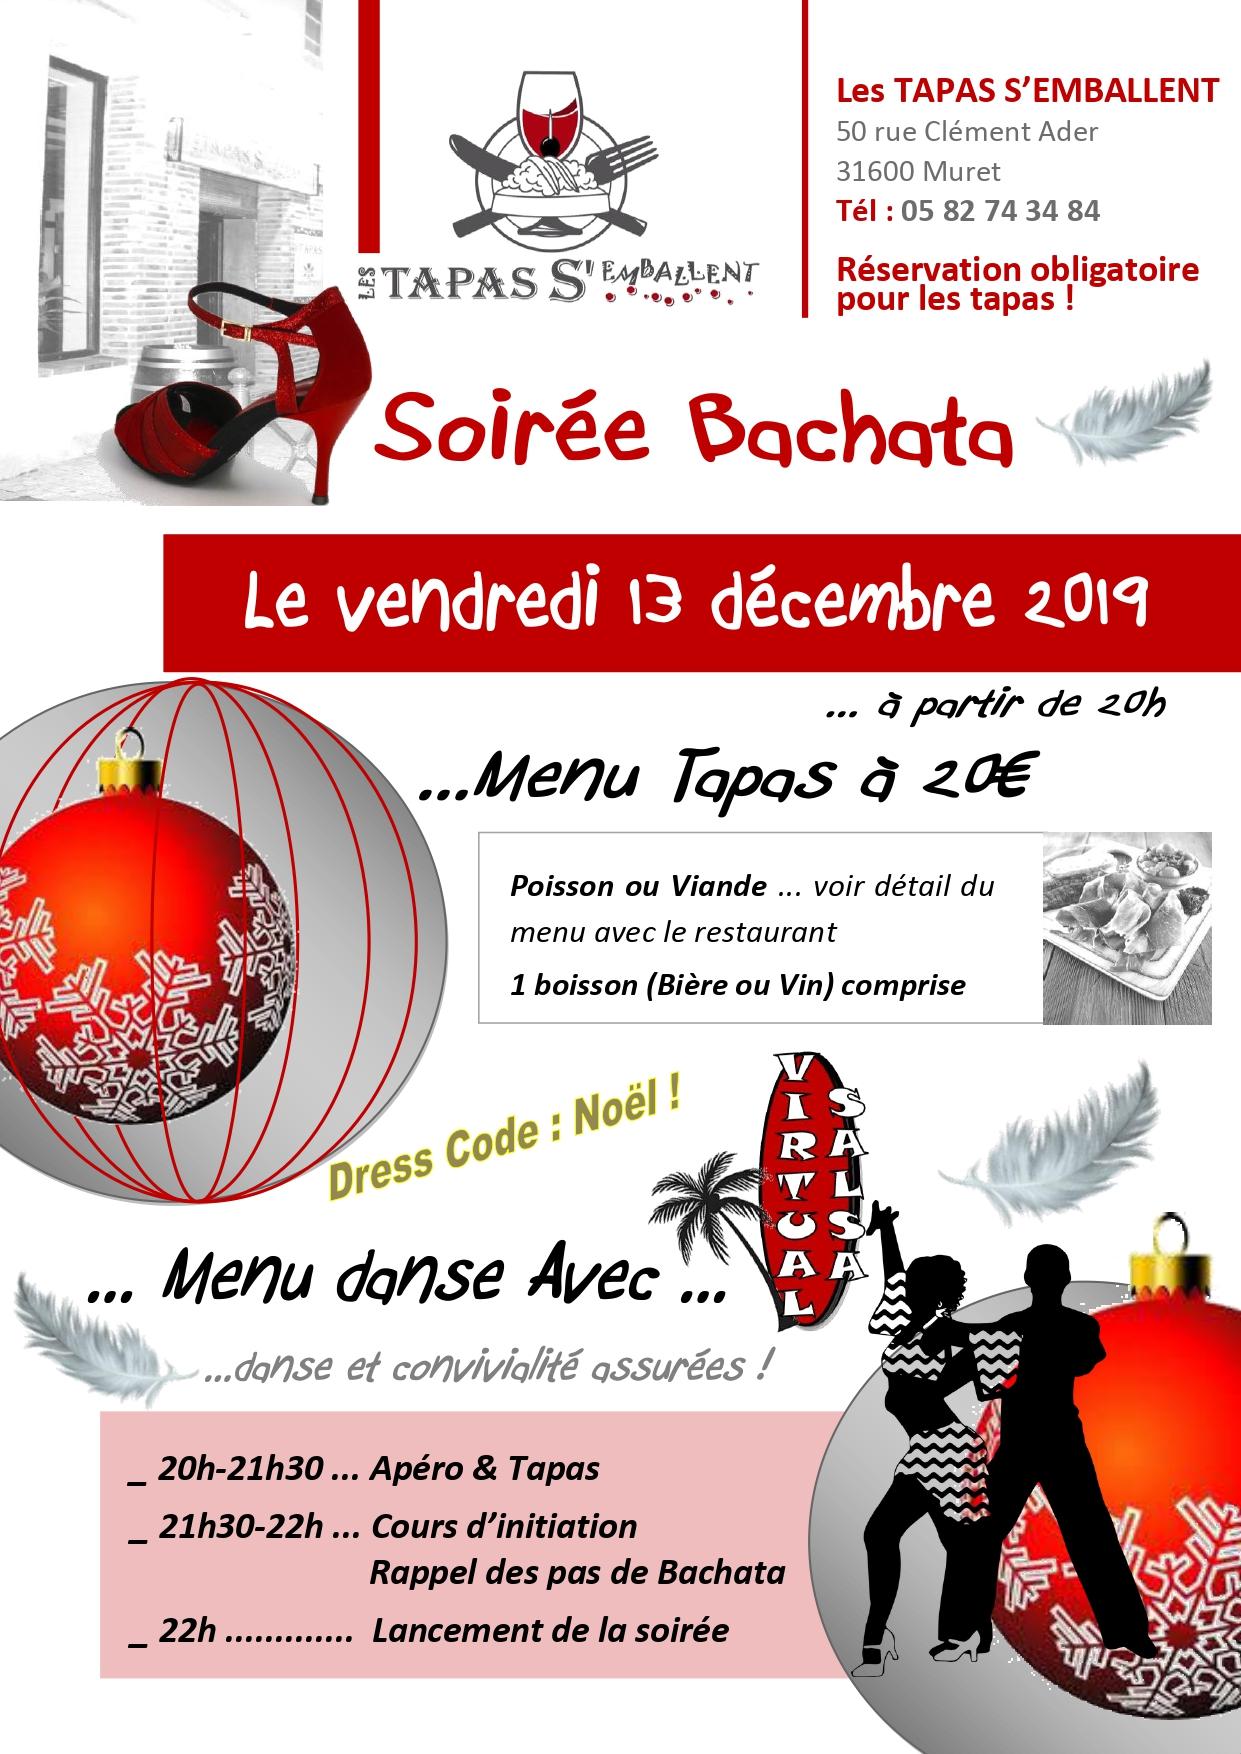 Soirée Bachata le Vendredi 13 décembre